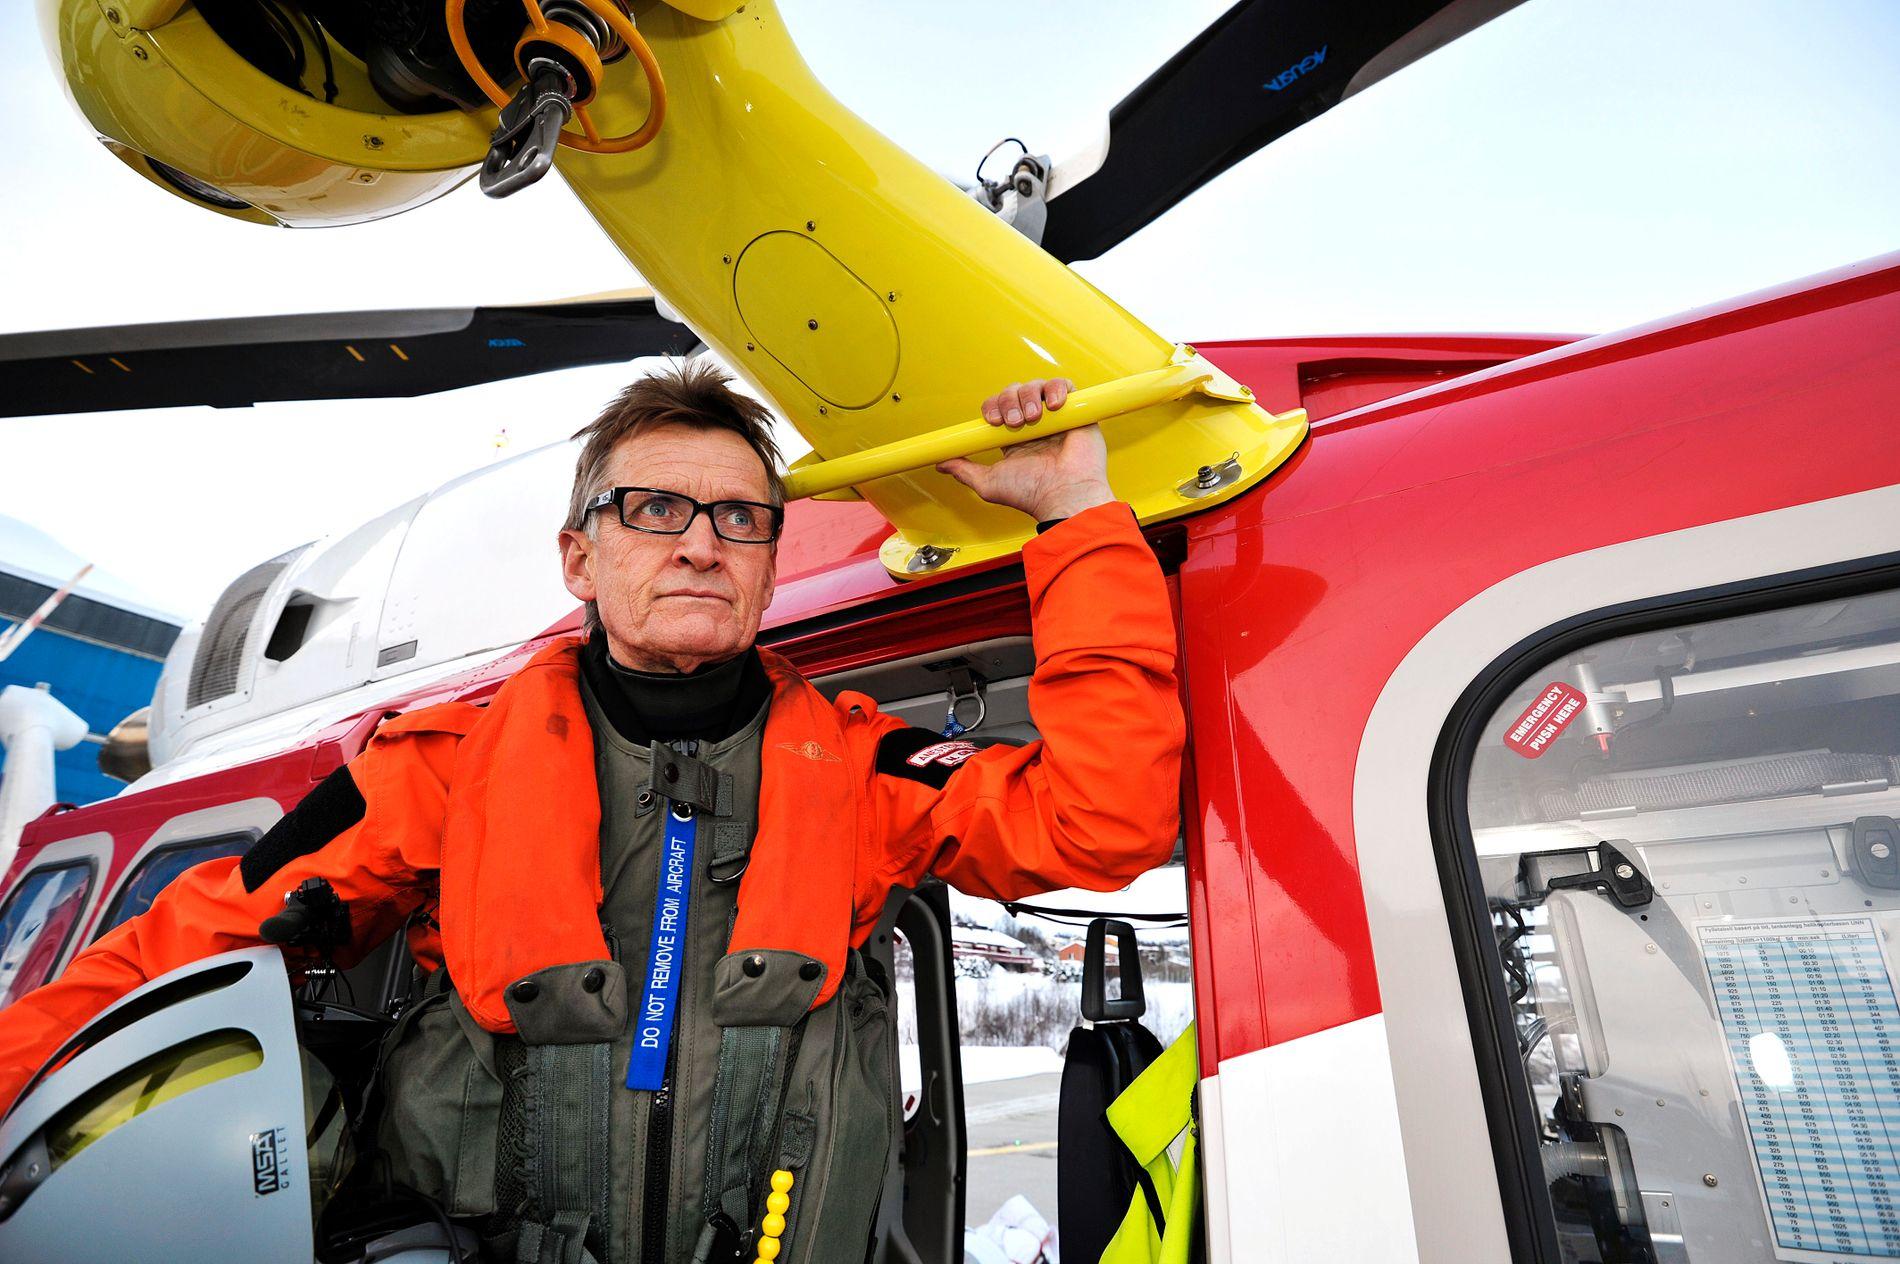 FLY FORBANNET: Overlege Mads Gilbert mener flyambulansekrisen kunne vært unngått, og at den nye operatøren må ta regningen. Her med et ambulansehelikopter i 2012.